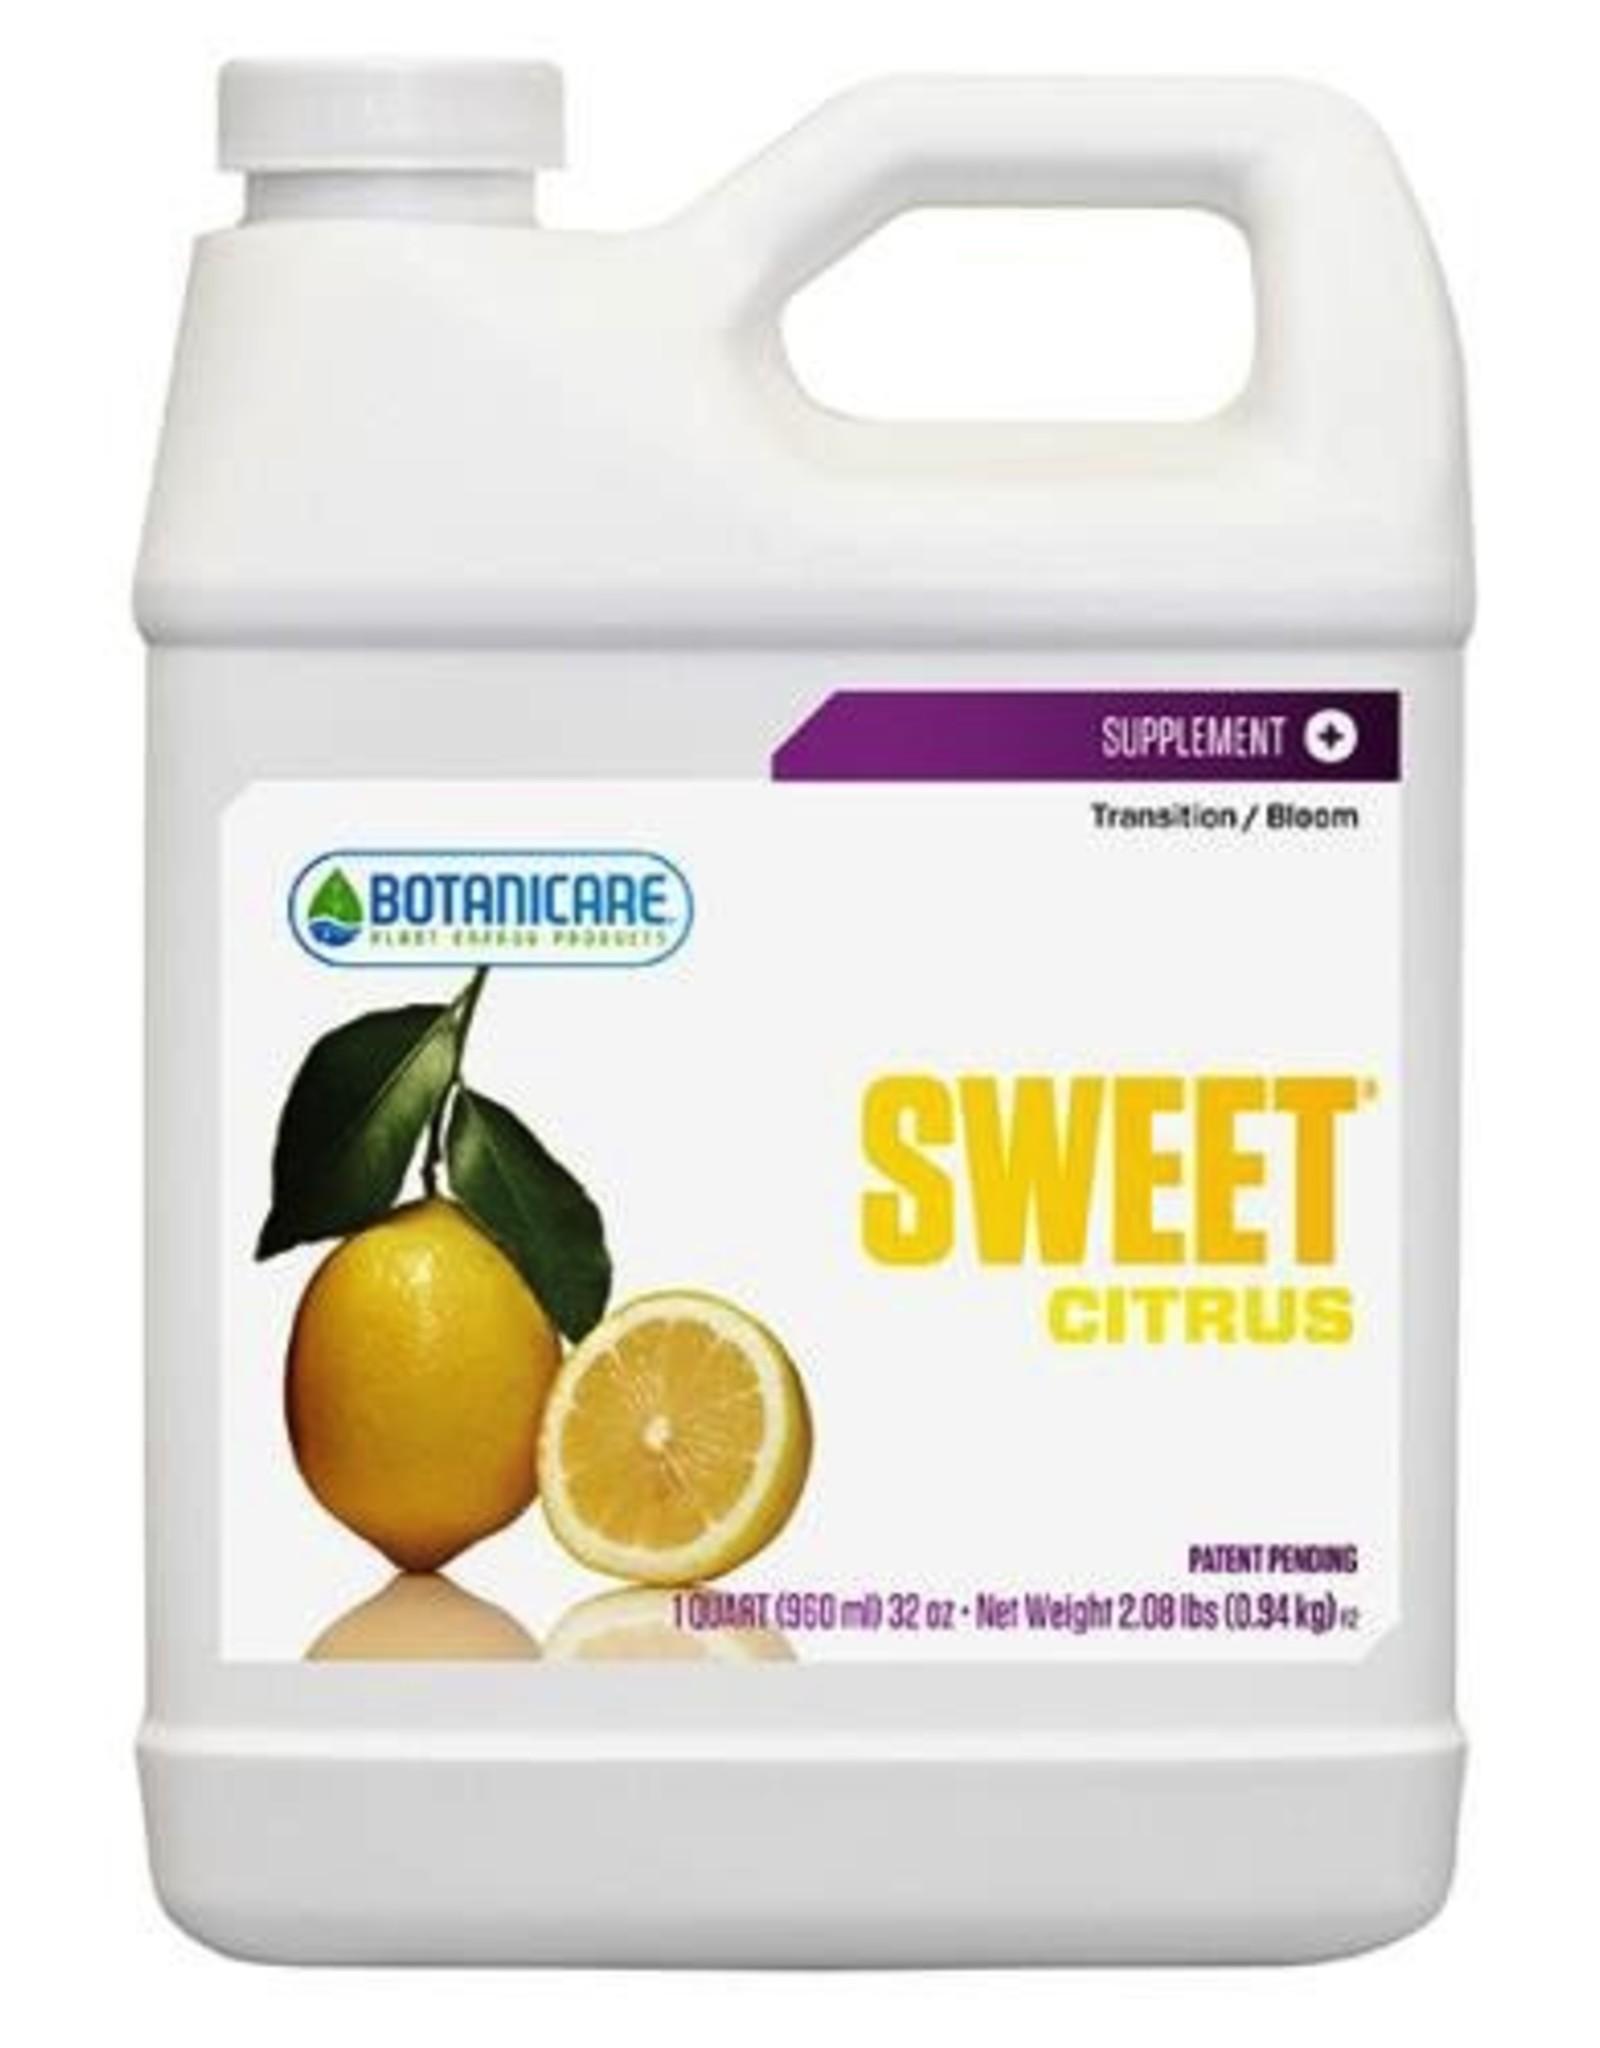 BOTANICARE Sweet Citrus 1 Quart